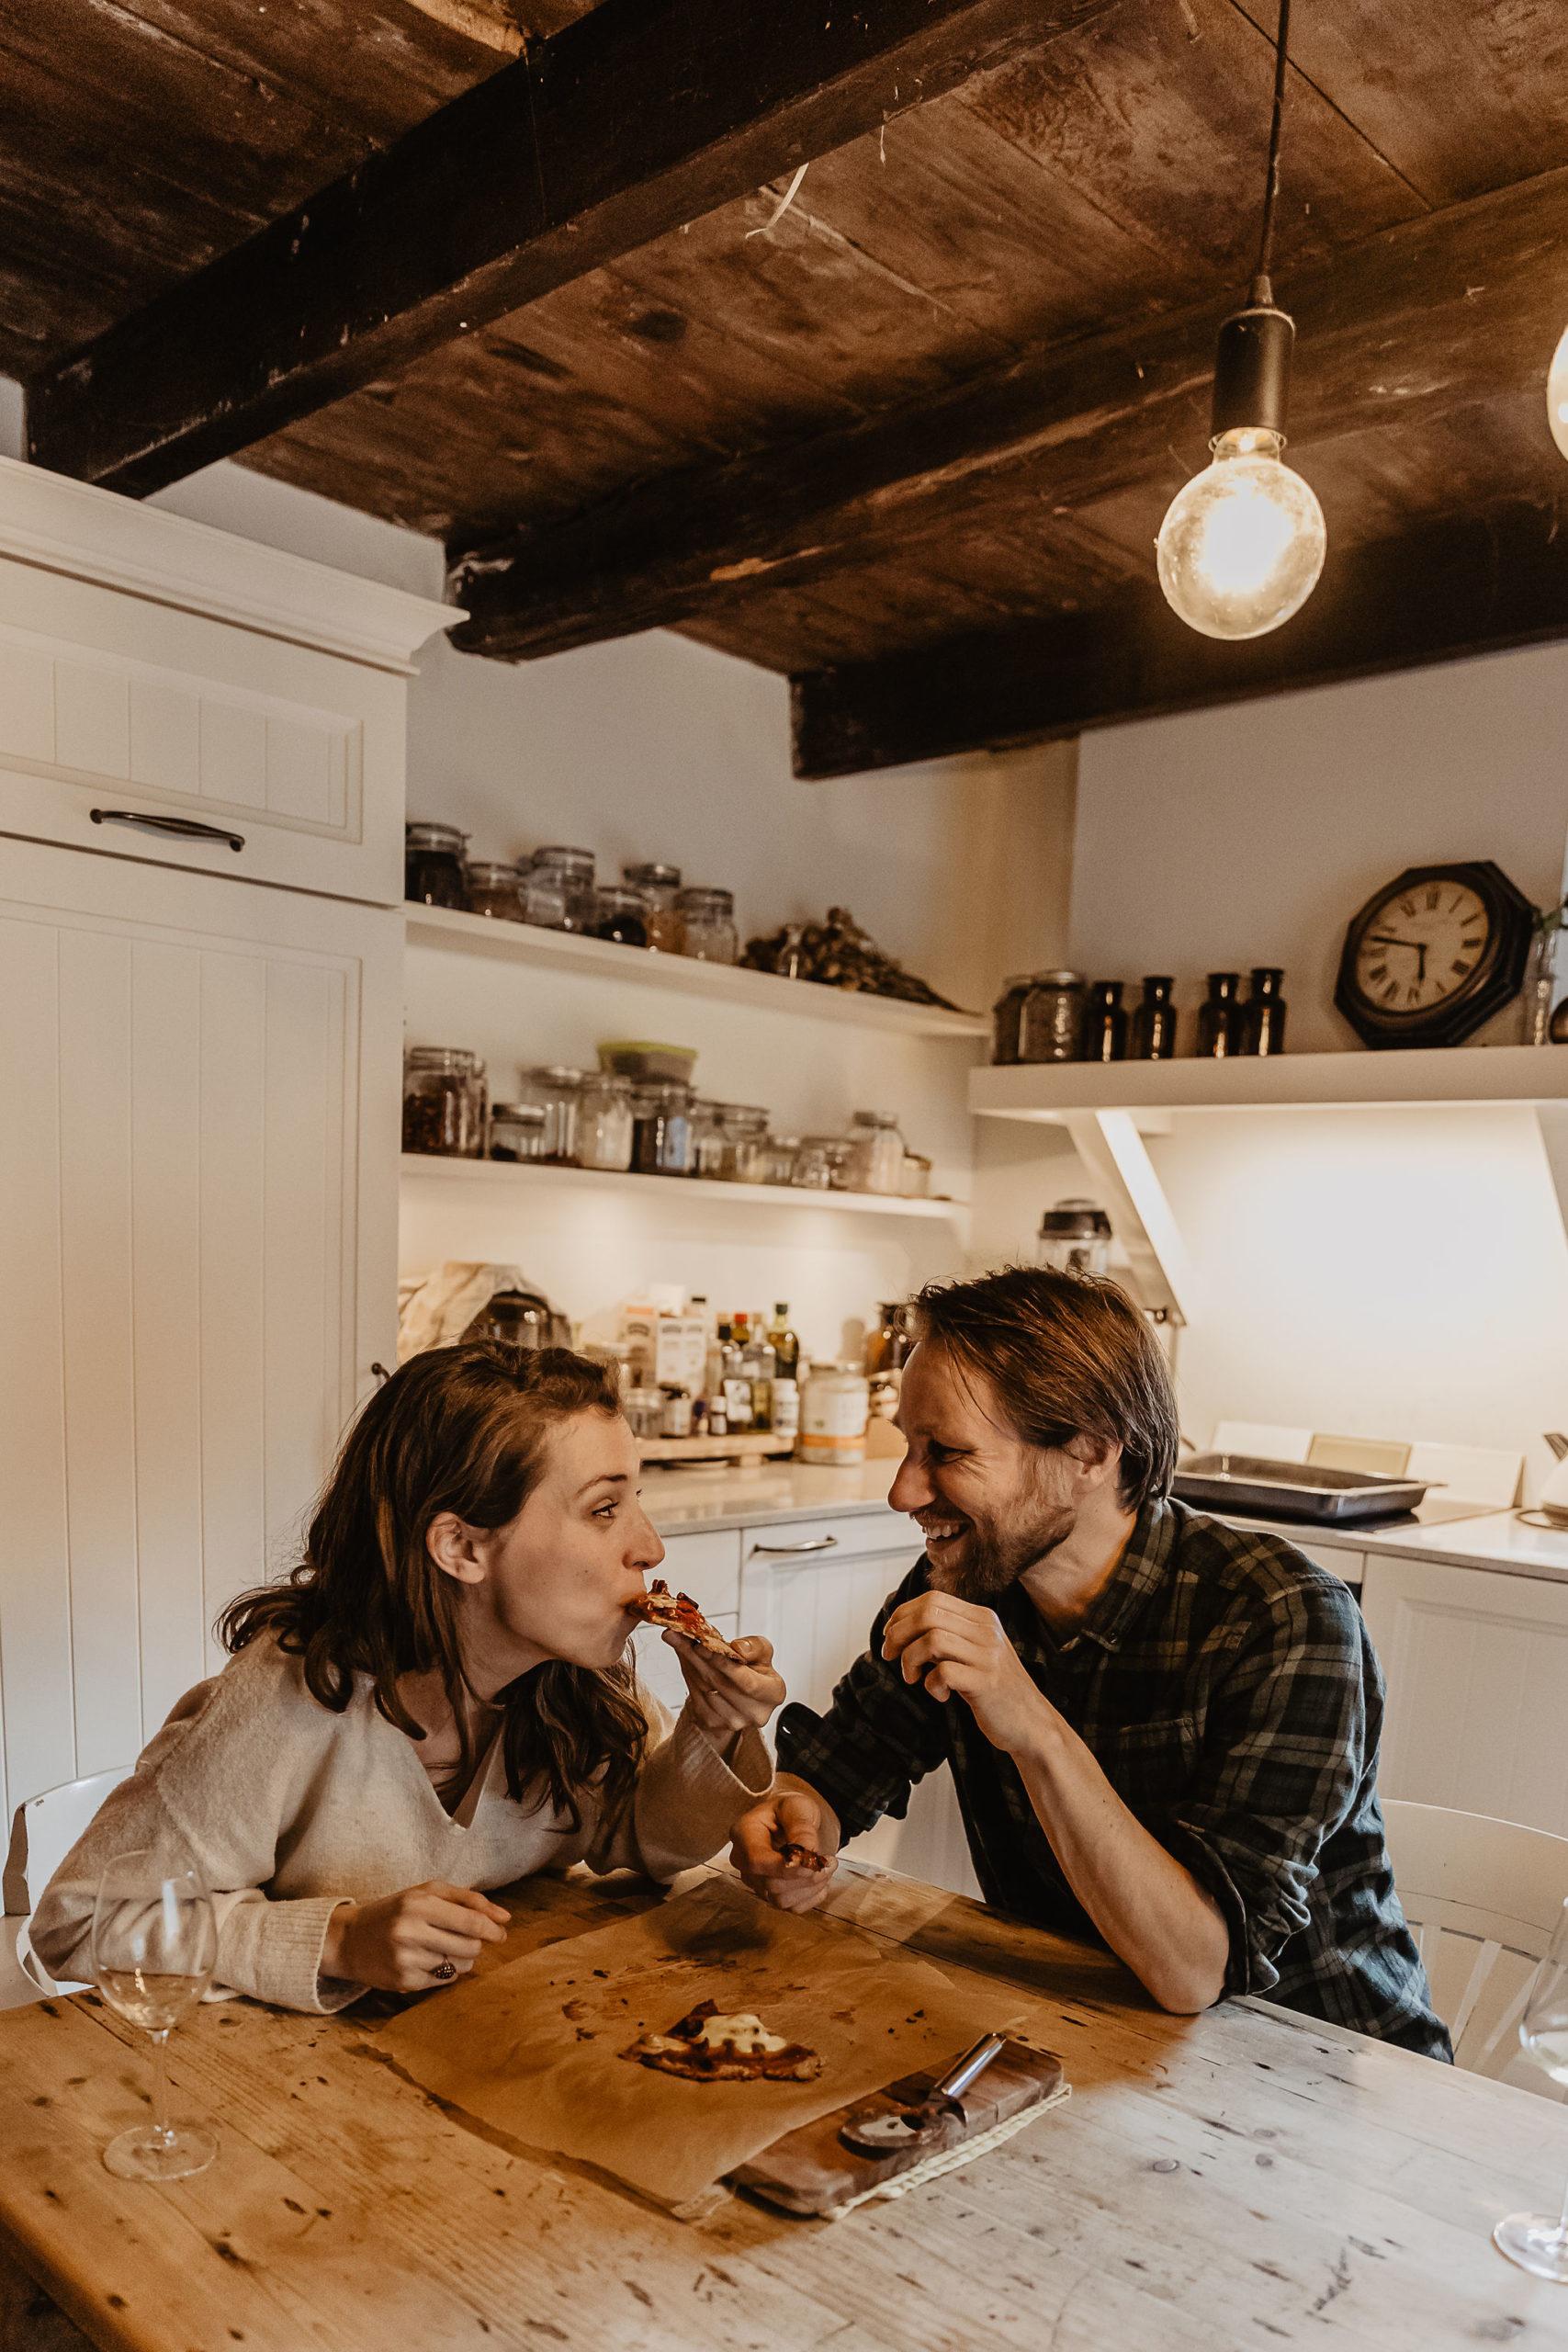 5 oorzaken gedesorganiseerd ehechtingsstijl intro